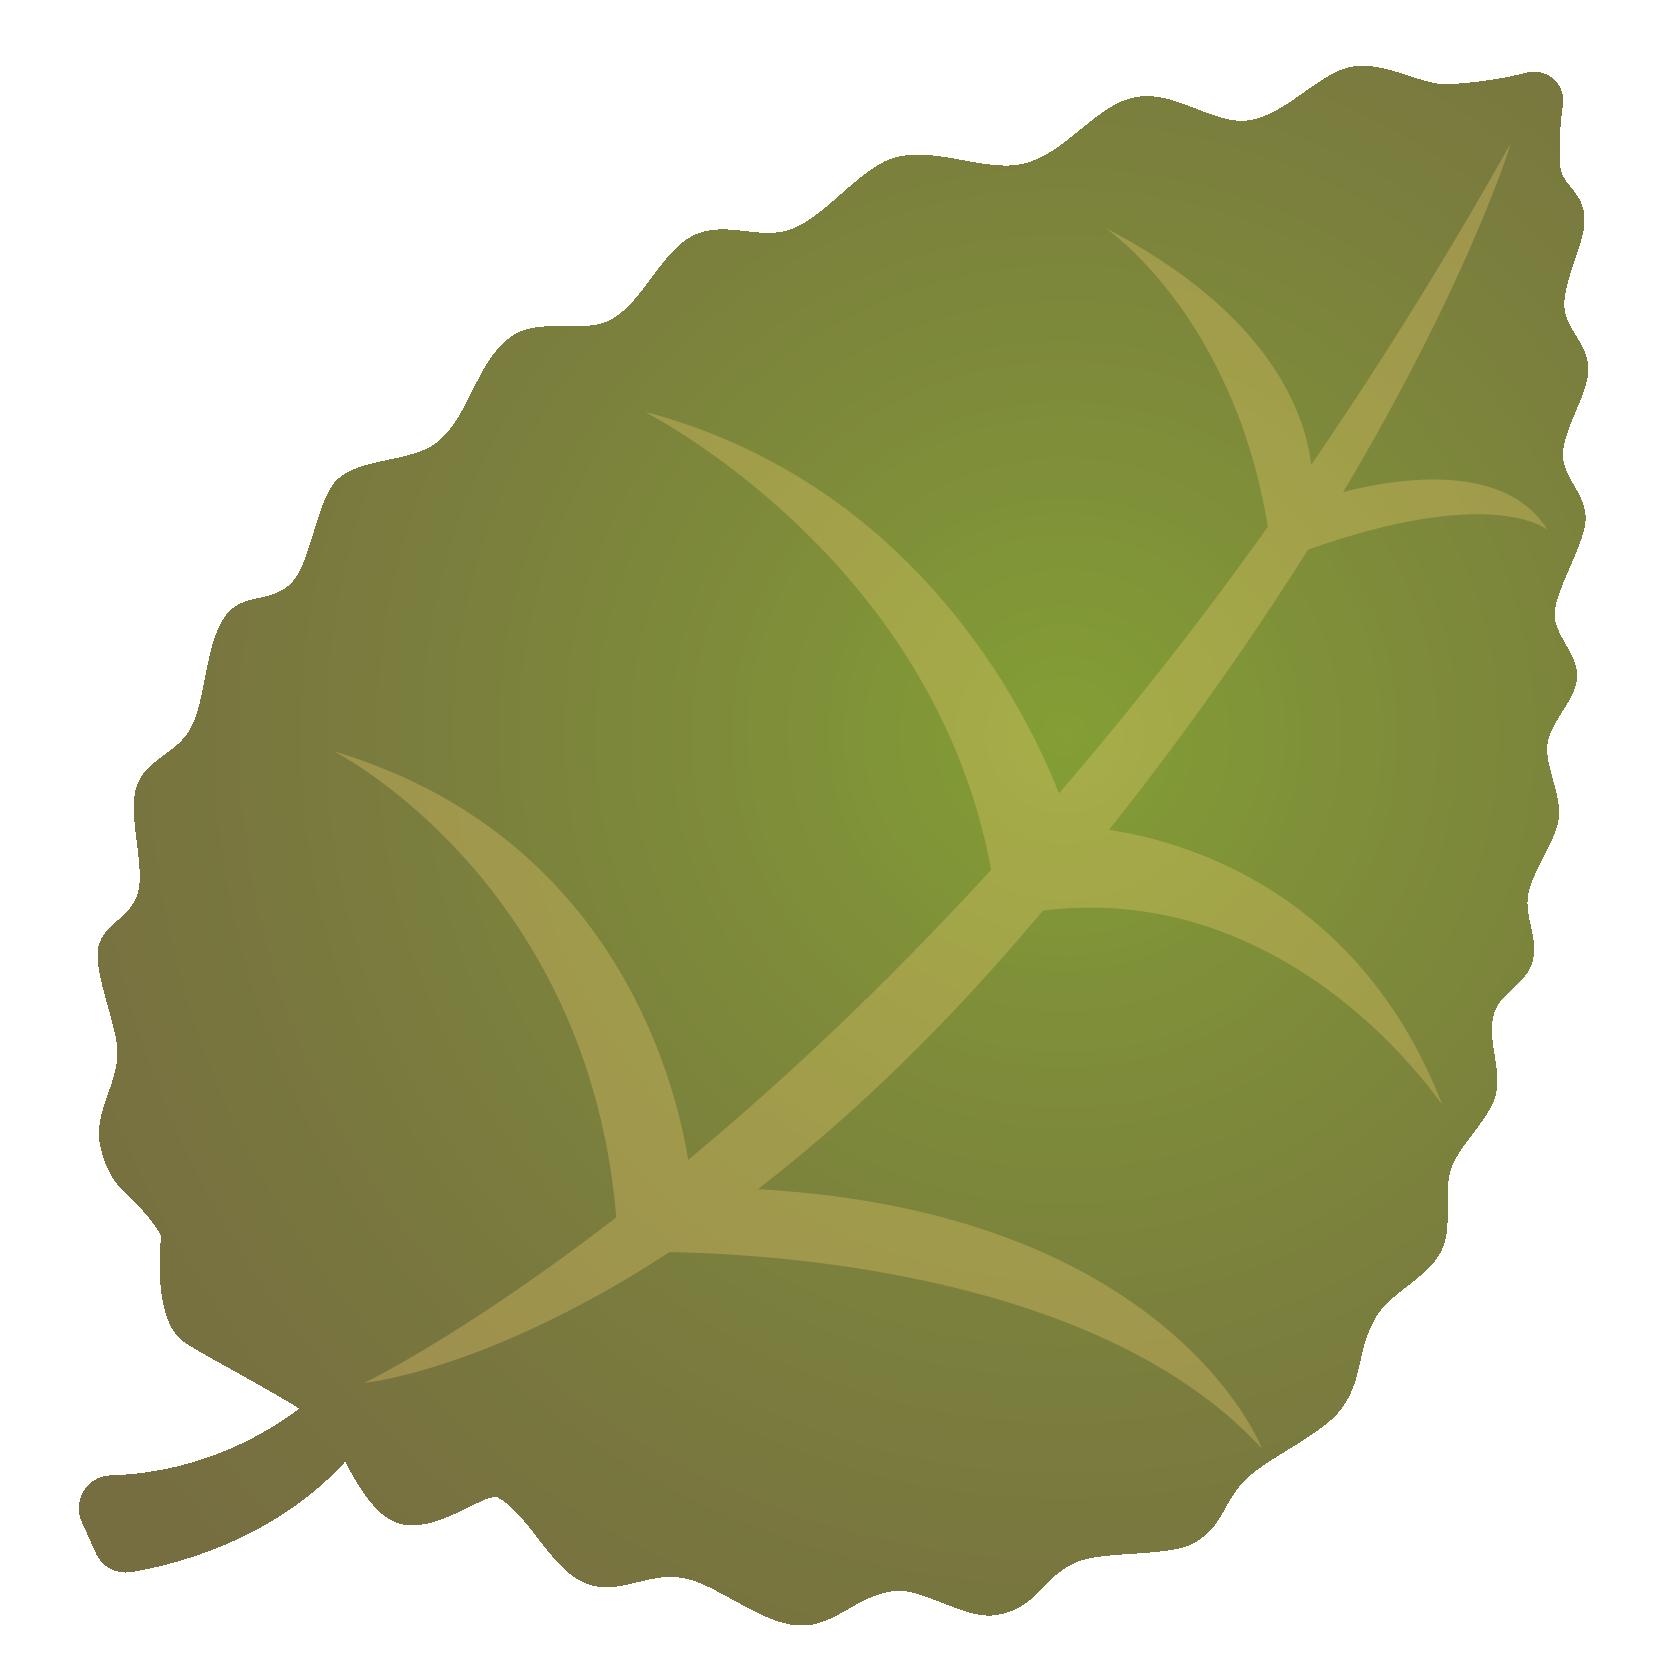 商用フリー・無料イラスト_秋_落ち葉_ぎざぎざ_枯葉_緑色_Fallen leaves